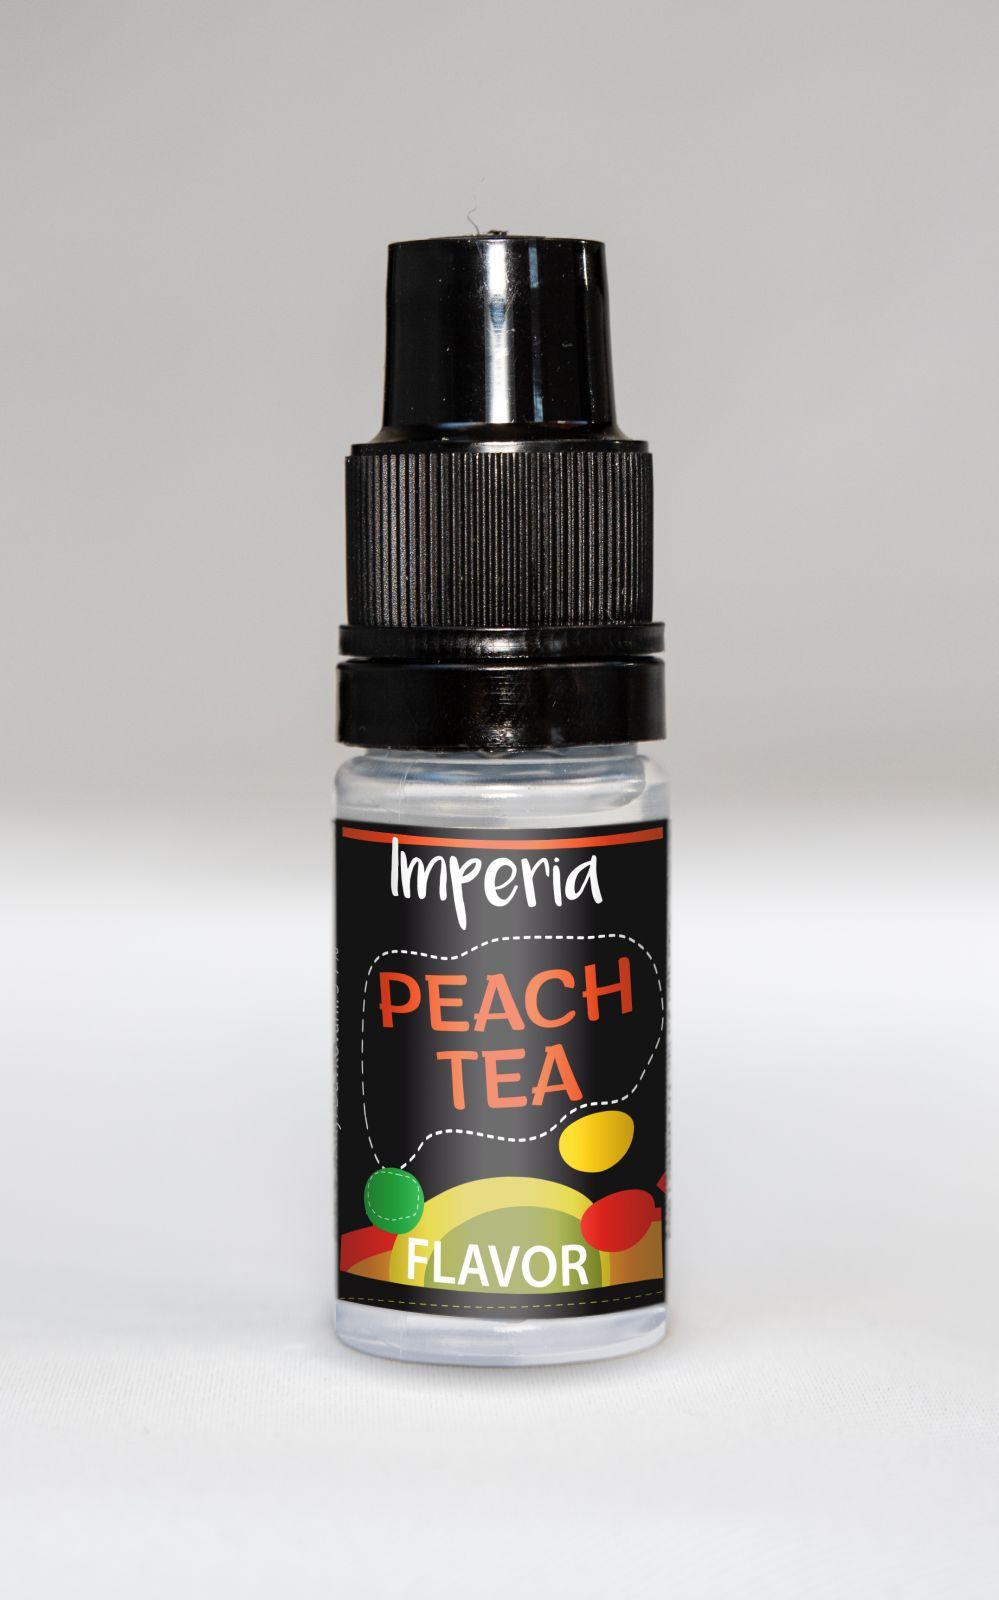 PEACH TEA / Broskyňový čaj - Aróma Imperia Black Label Boudoir Samadhi s.r.o.